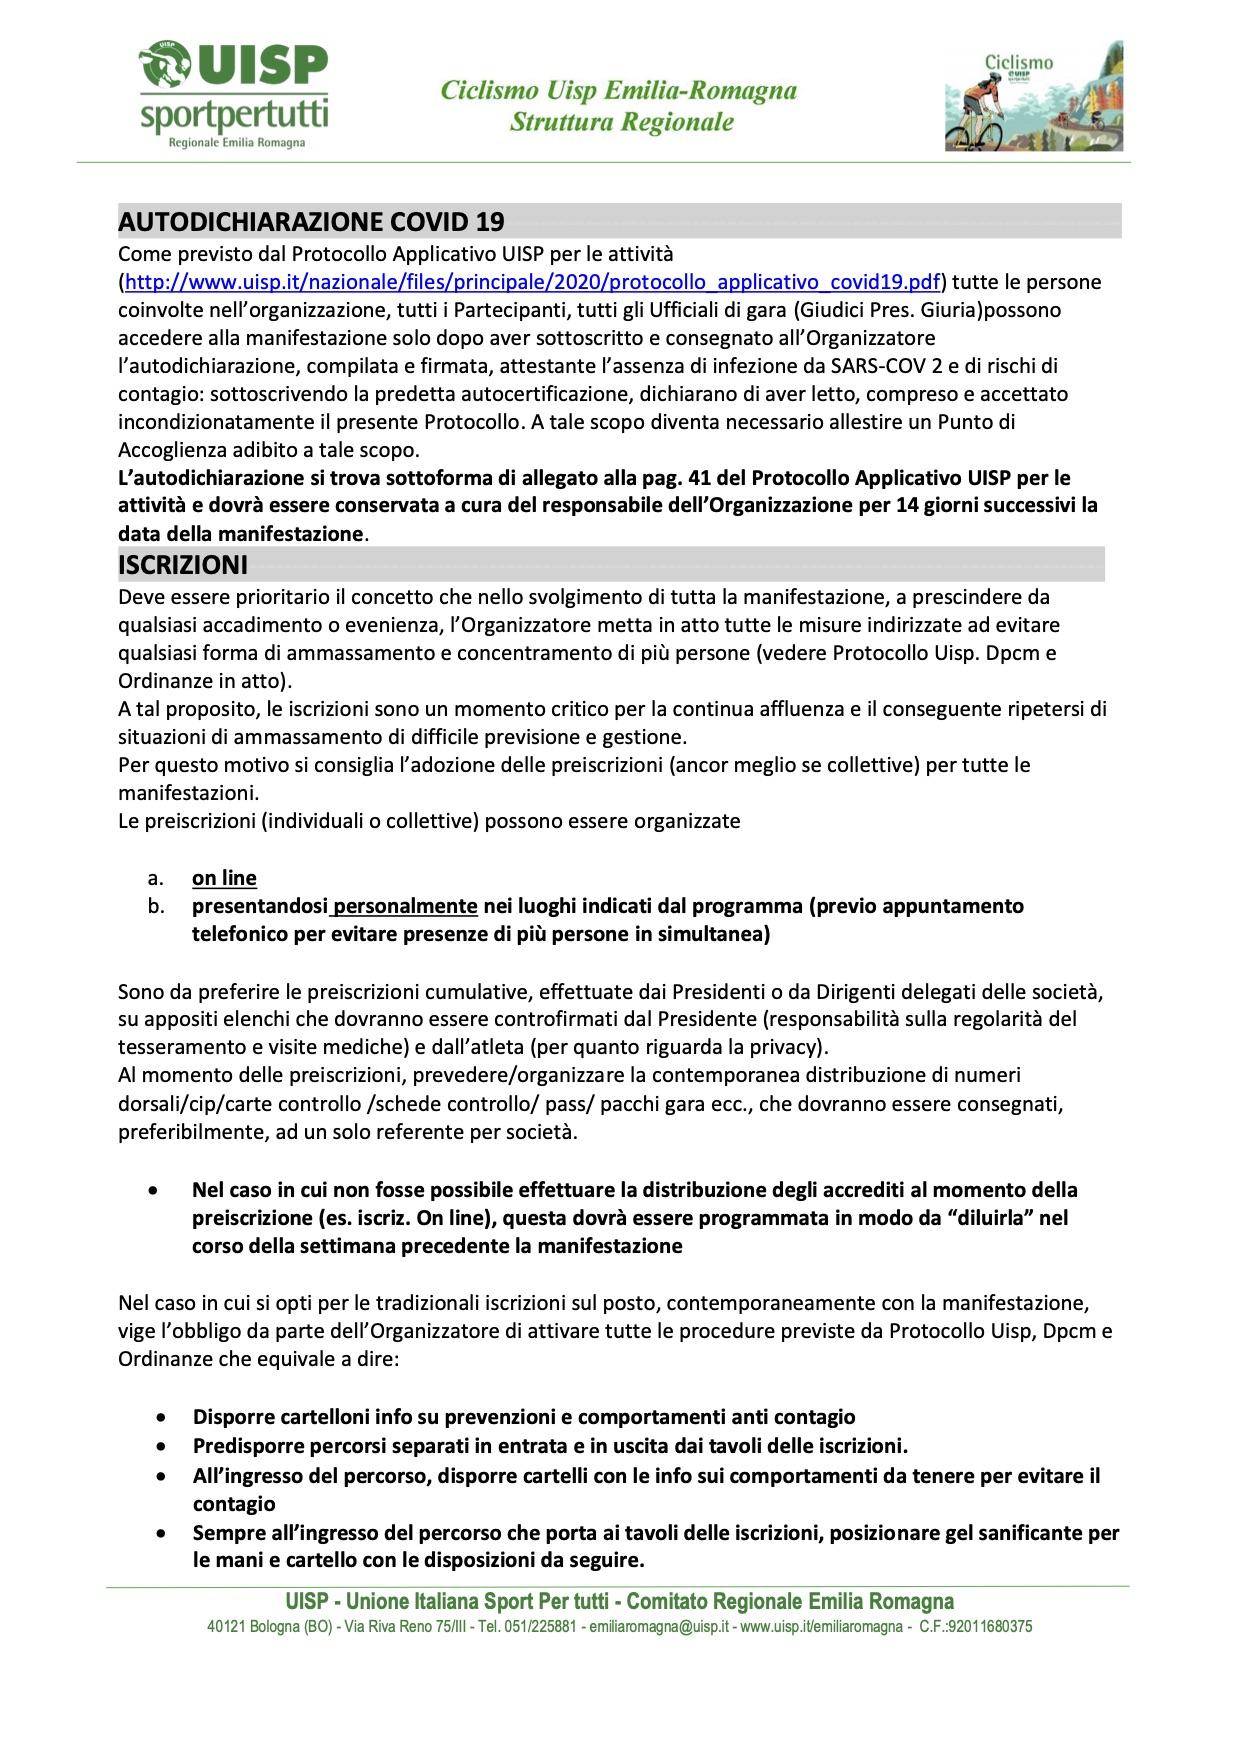 indicazioni_per_le_organizzazioni_eventi_ciclismo_emilia_romagna-2